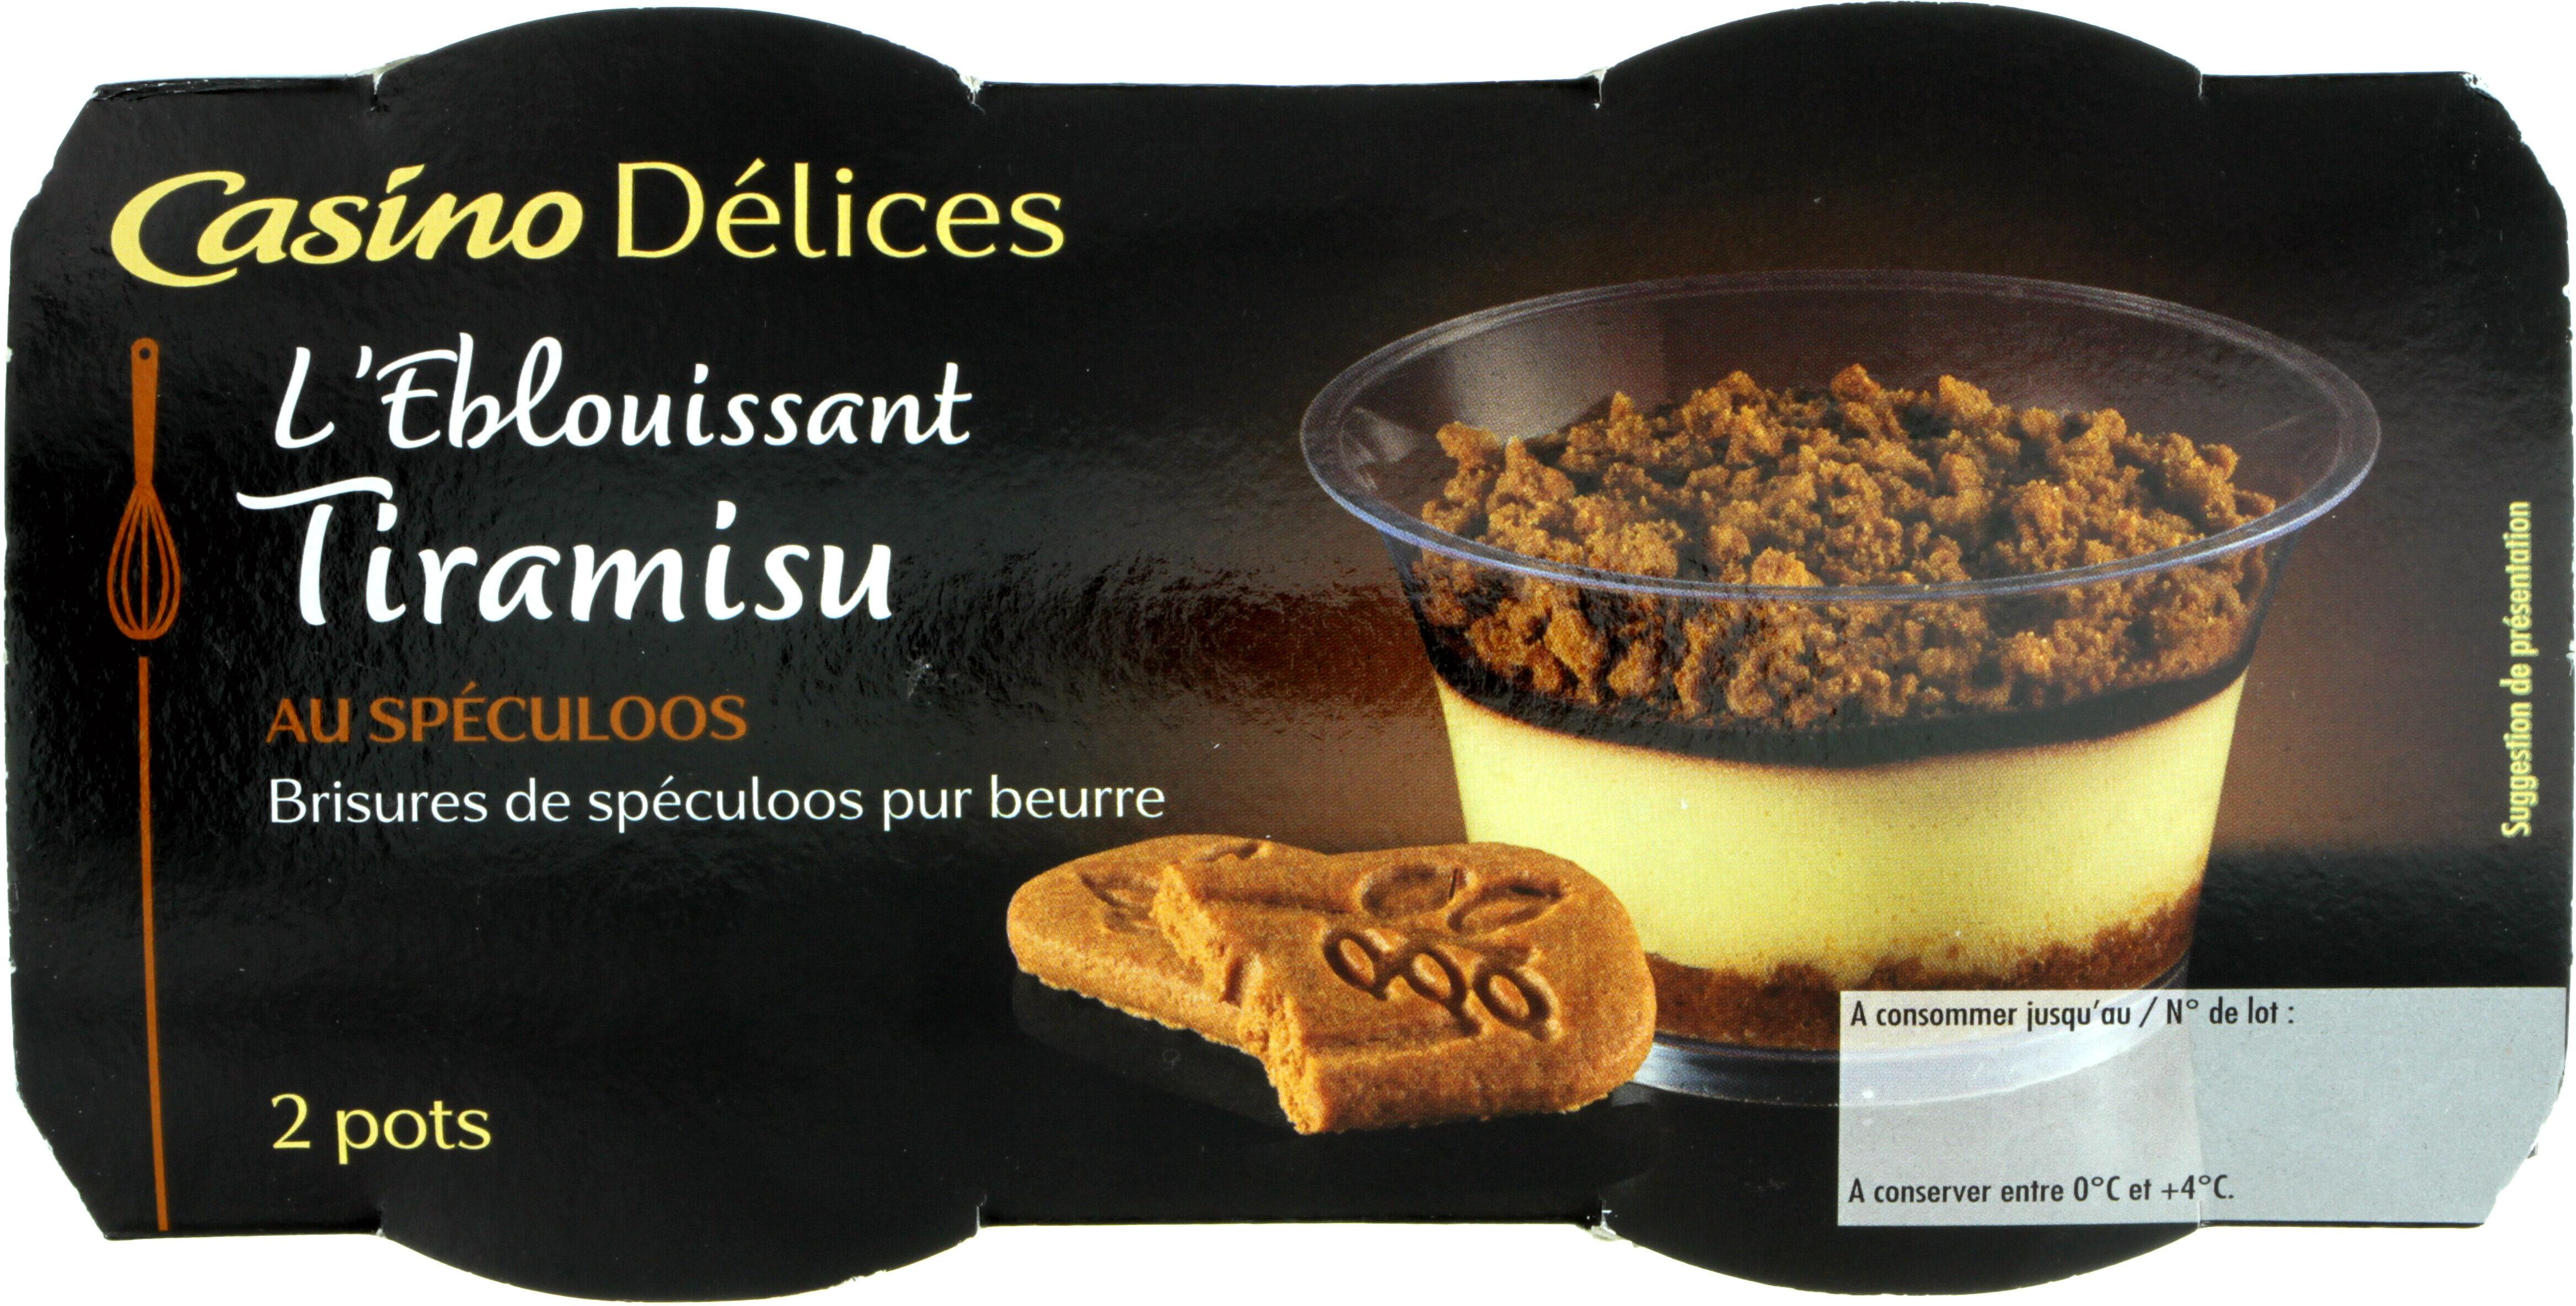 L'éblouissant Tiramisu au spéculoos - Brisures de spéculoos pur beurre - Product